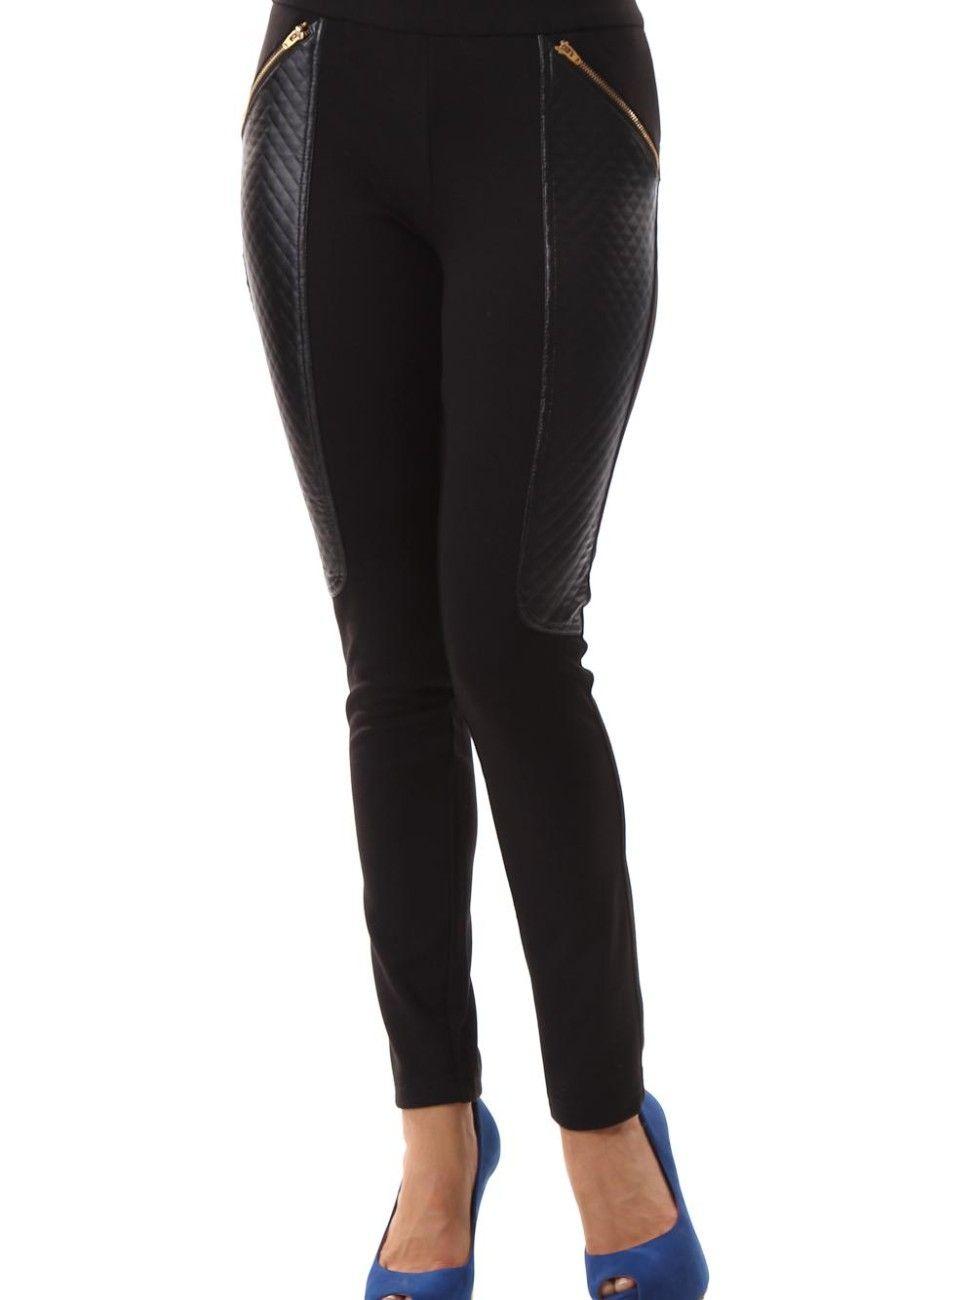 8914cb4ff calça legging montaria com couro - Pesquisa Google Calça Montaria Feminina, Calça  Legging Montaria,